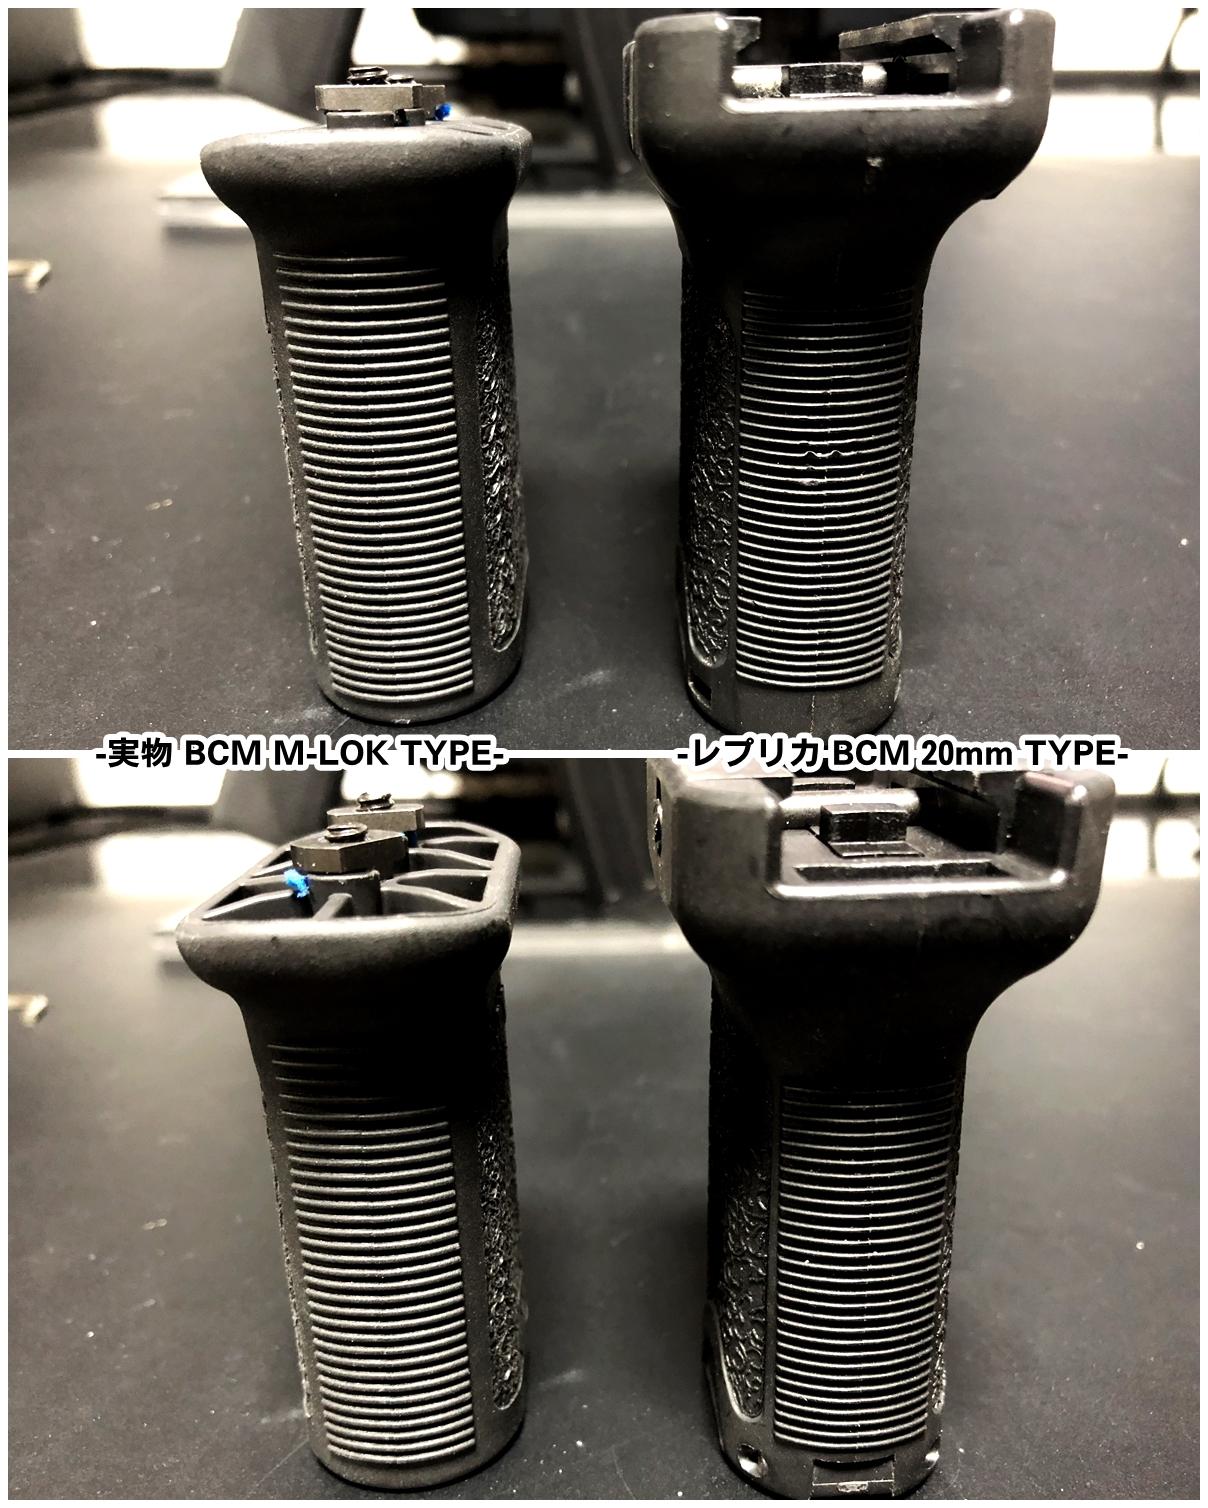 9 実物 BCM GUNFIGHTER VERTICAL GRIP MOD3 M-LOK Compatible ガンファイター バーティカル グリップ 実物 & レプリカ 違い 検証 取付 交換 正規品 新品 開封 カスタム レビュー